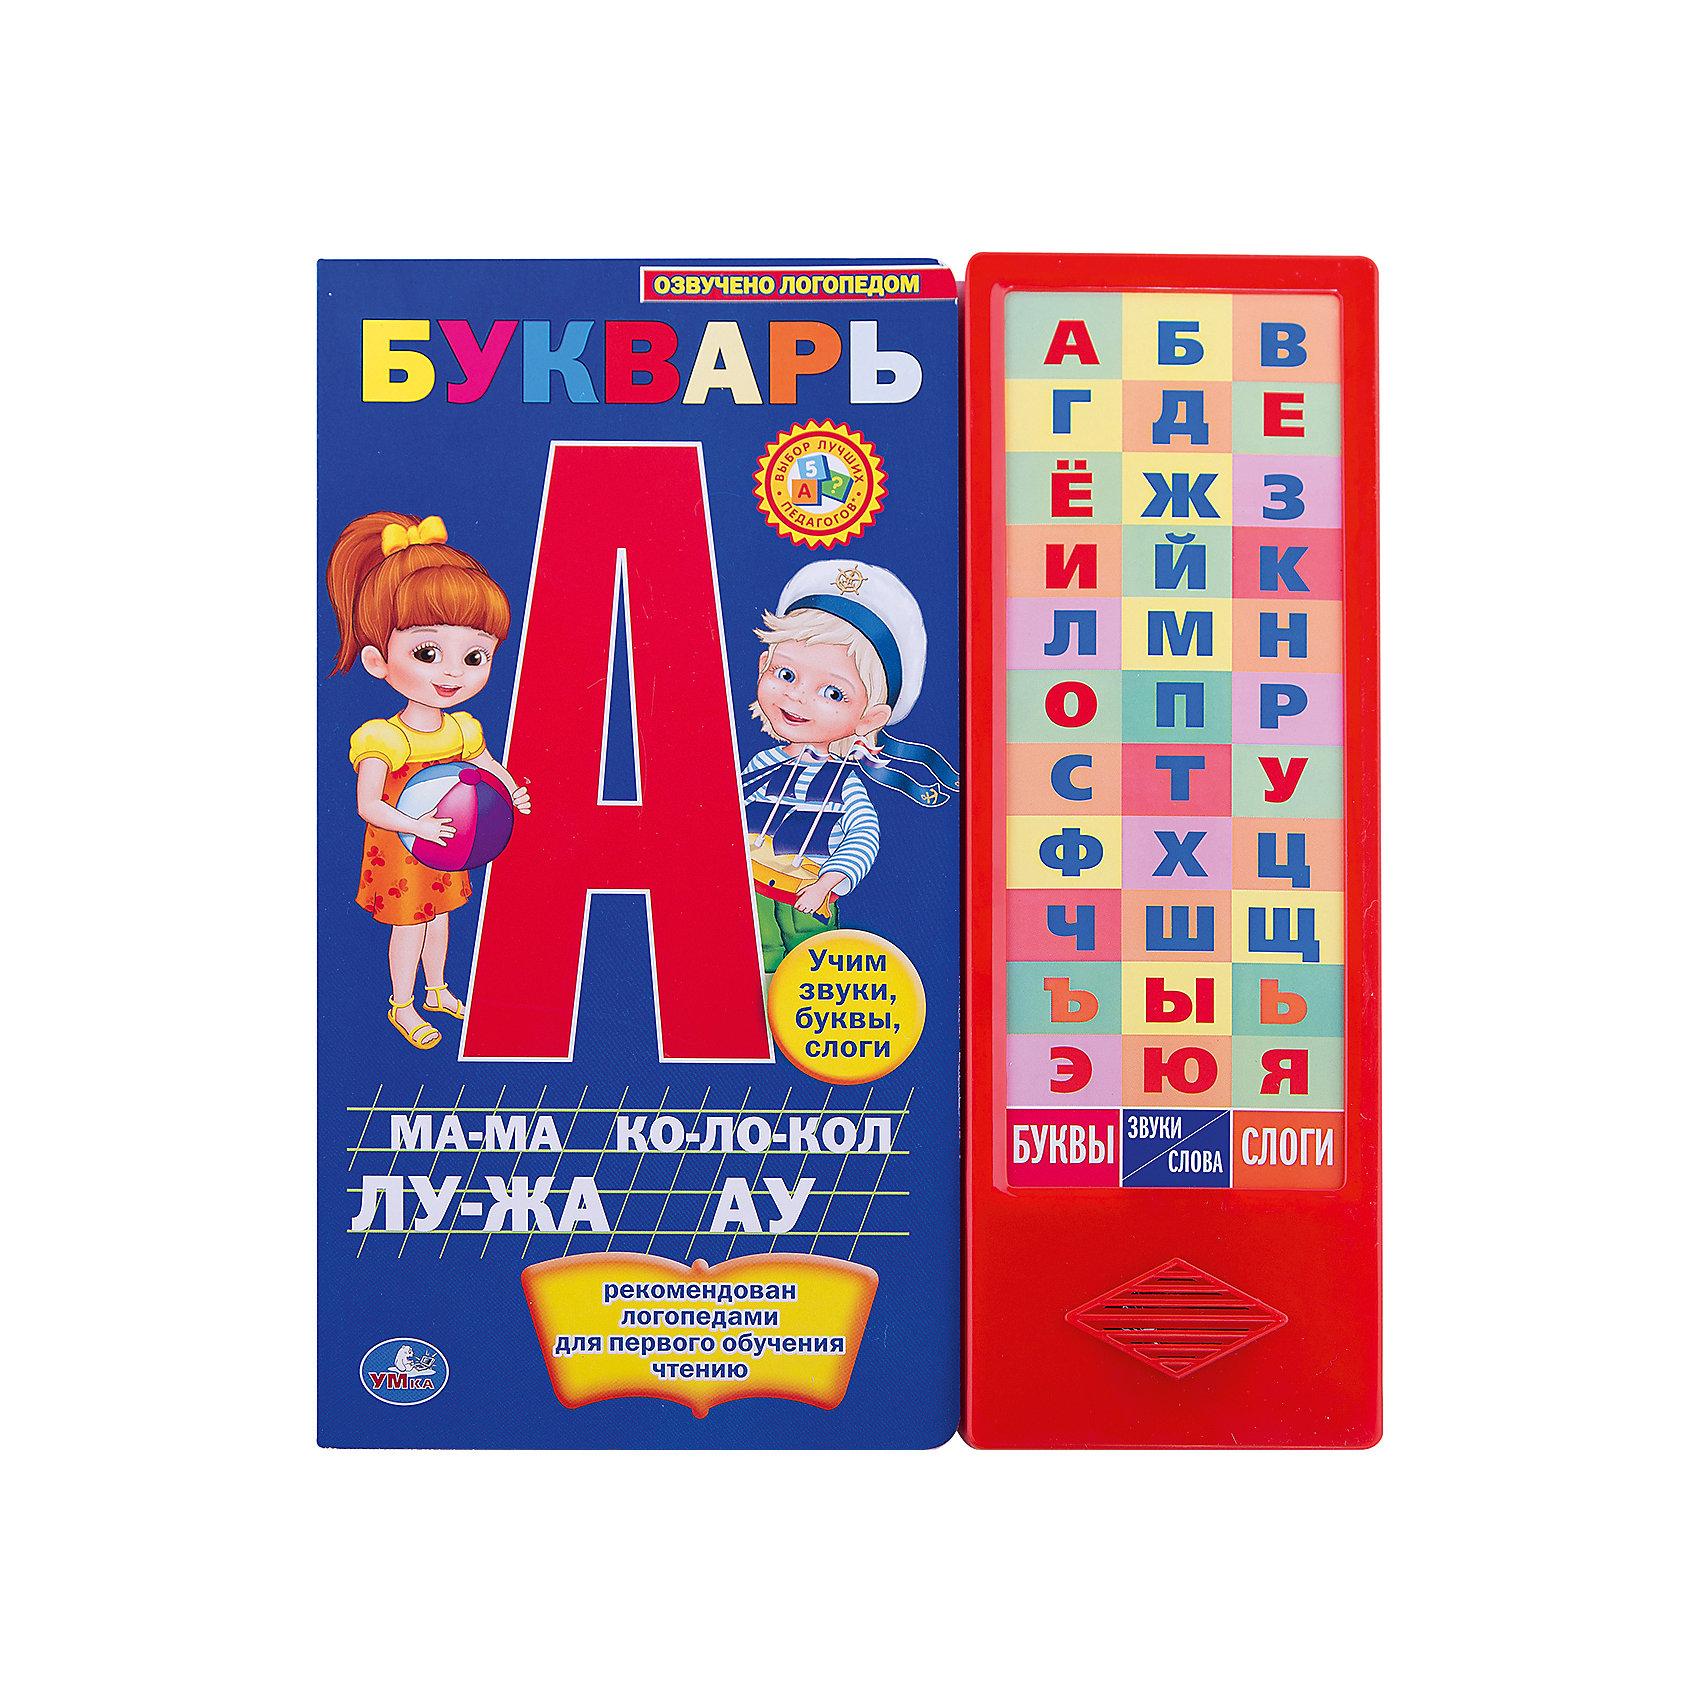 Книга с 36 кнопками Букварь, М.А. ЖуковаМузыкальные книги<br>Книга с 36 кнопками Букварь, М.А. Жукова – это интерактивное пособие, с помощью которого Ваш малыш в игровой форме быстро выучит буквы, звуки, слоги, их произношение и написание. Букварь хорош тем, что в нем можно изучать не только буквы (озвучены в режиме «Буквы»), но и звуки (озвучены в режиме «Слоги» и «Слова»). Издание рекомендовано логопедами в качестве первого пособия для обучения детей чтению.<br><br>Характеристики:<br>-Яркие иллюстрации обязательно заинтересуют ребенка<br>-Обучающие и развивающие функции книги: изучение звуков, букв, слогов, развитие мелкой моторики, развитие слухового восприятия информации<br>-Имеет звуковой блок, включающий 36 кнопок<br>-Прочные ламинированные страницы <br><br>Дополнительная информация:<br>-Количество страниц: 24<br>-Размеры: 25х29,5 см<br>-Материалы: картон, пластик<br>-Иллюстрации: цветные<br>-Переплет: картон<br>-Работает от батареек (входят в комплект)<br><br>Книга с 36 кнопками Букварь, М.А. Жукова можно купить в нашем магазине.<br><br>Ширина мм: 260<br>Глубина мм: 300<br>Высота мм: 20<br>Вес г: 940<br>Возраст от месяцев: 24<br>Возраст до месяцев: 72<br>Пол: Унисекс<br>Возраст: Детский<br>SKU: 4296056